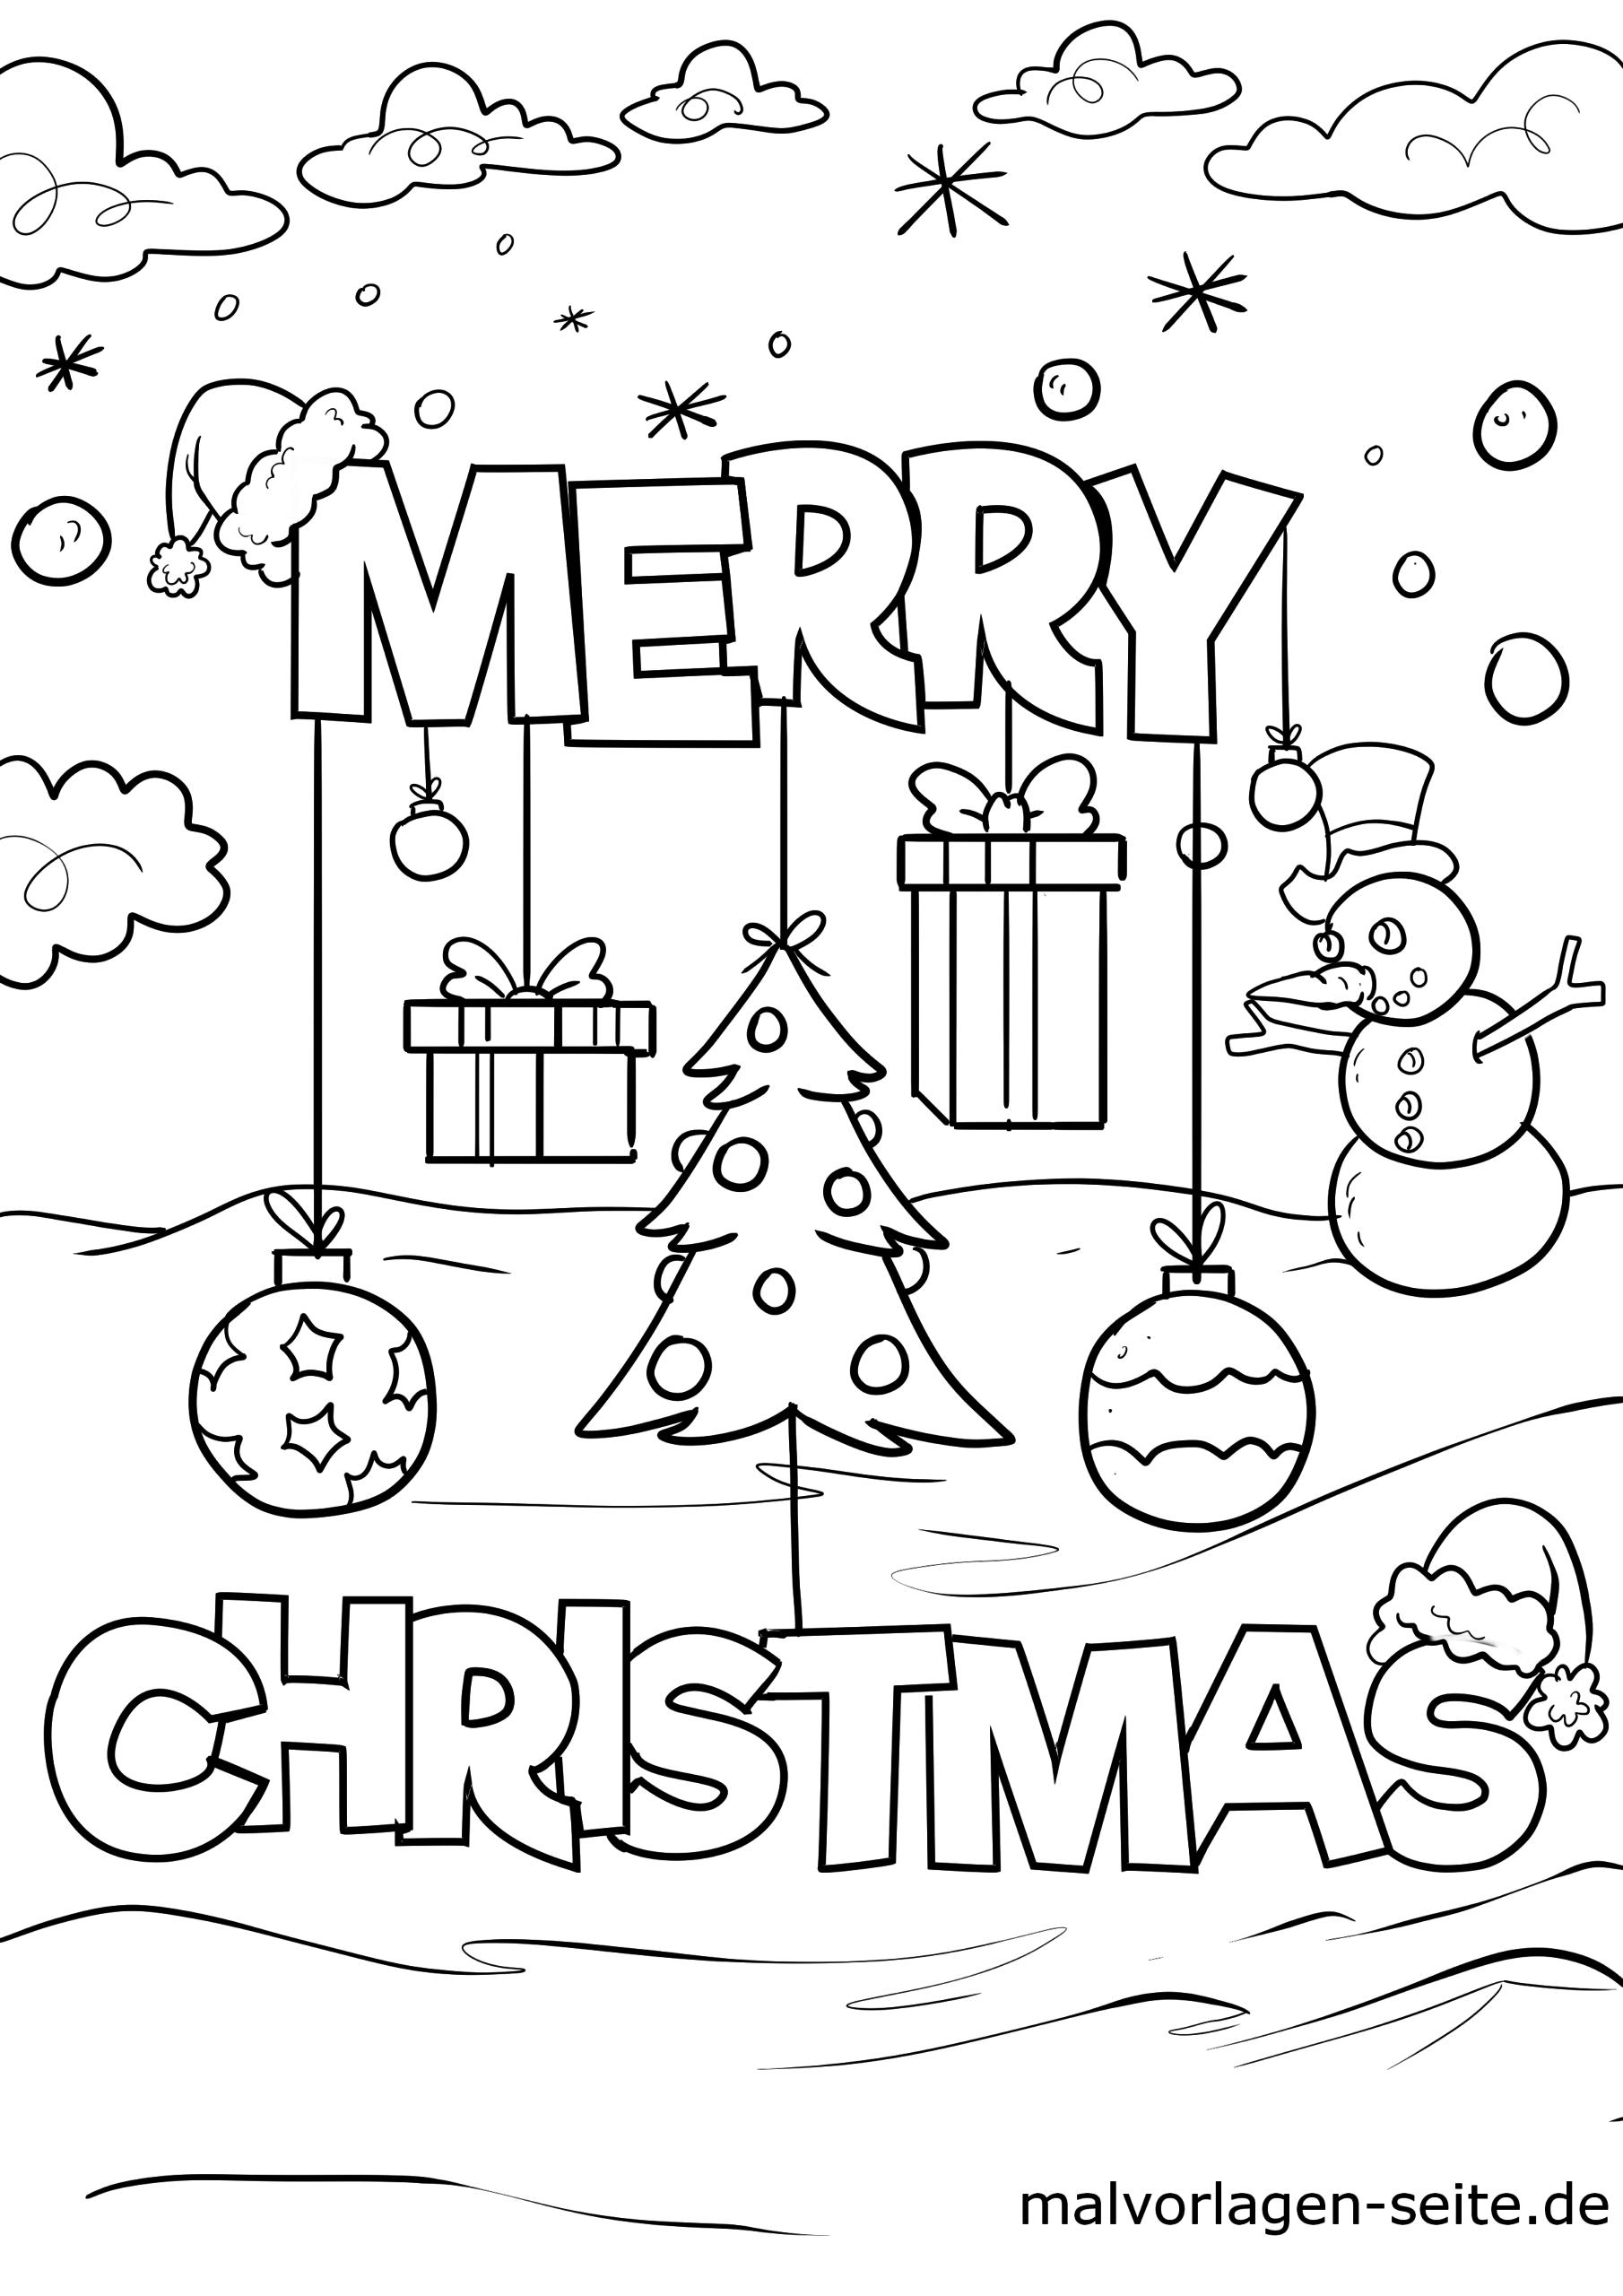 Malvorlage Merry Christmas | Weihnachten - Ausmalbilder für Weihnachts Ausmalbilder Kostenlos